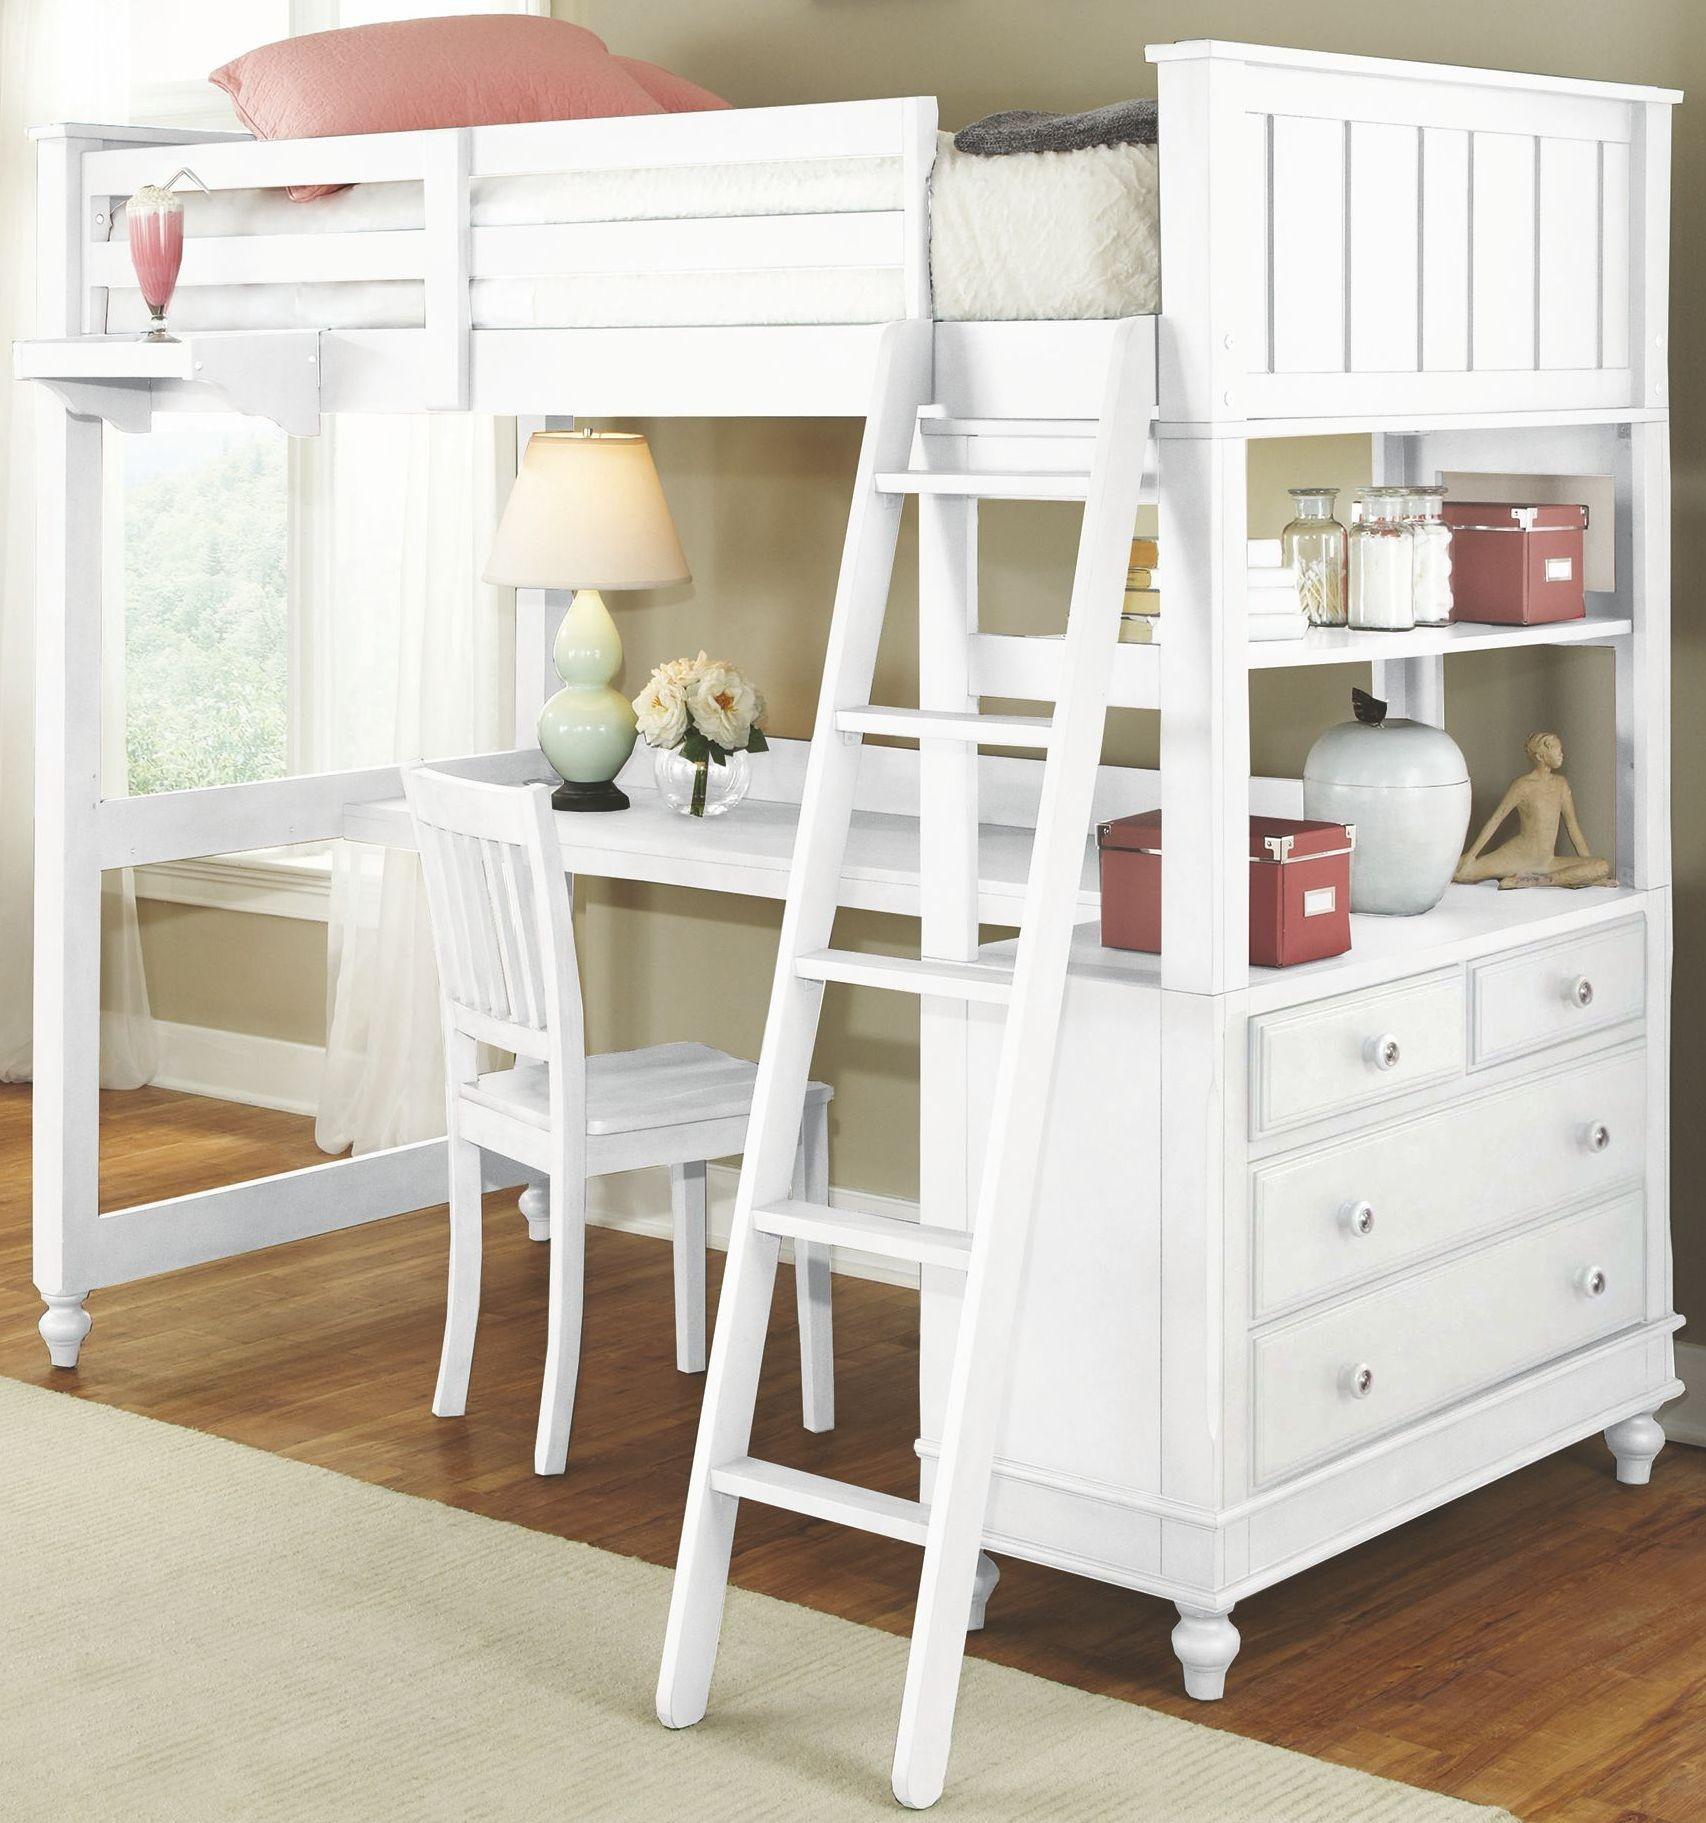 Lake House White Full Loft Bed with Desk from NE Kids